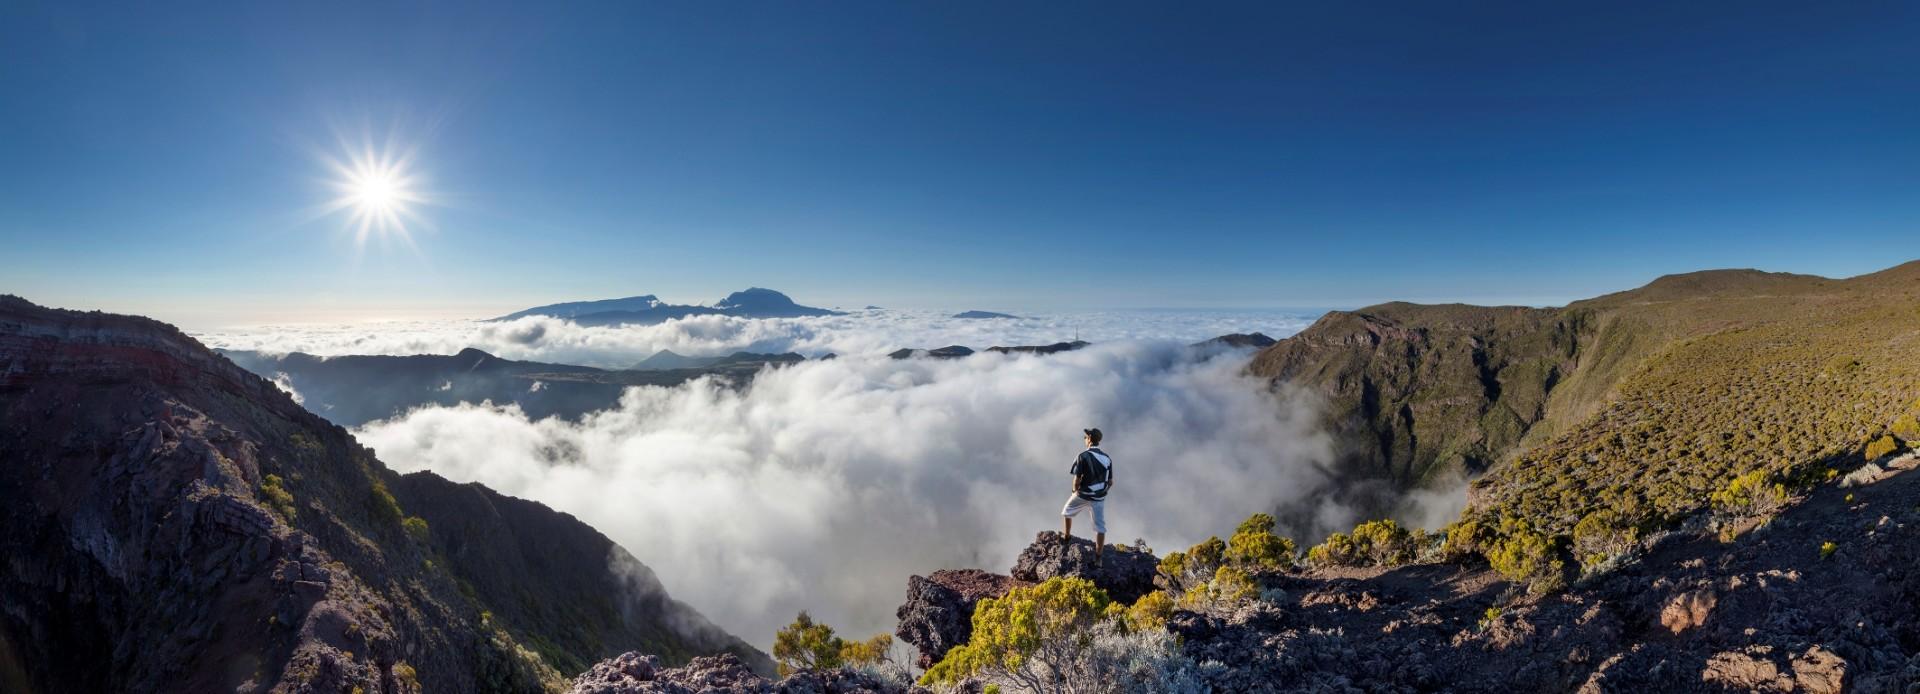 Sonnenaufgang am Piton des Neiges La Reunion